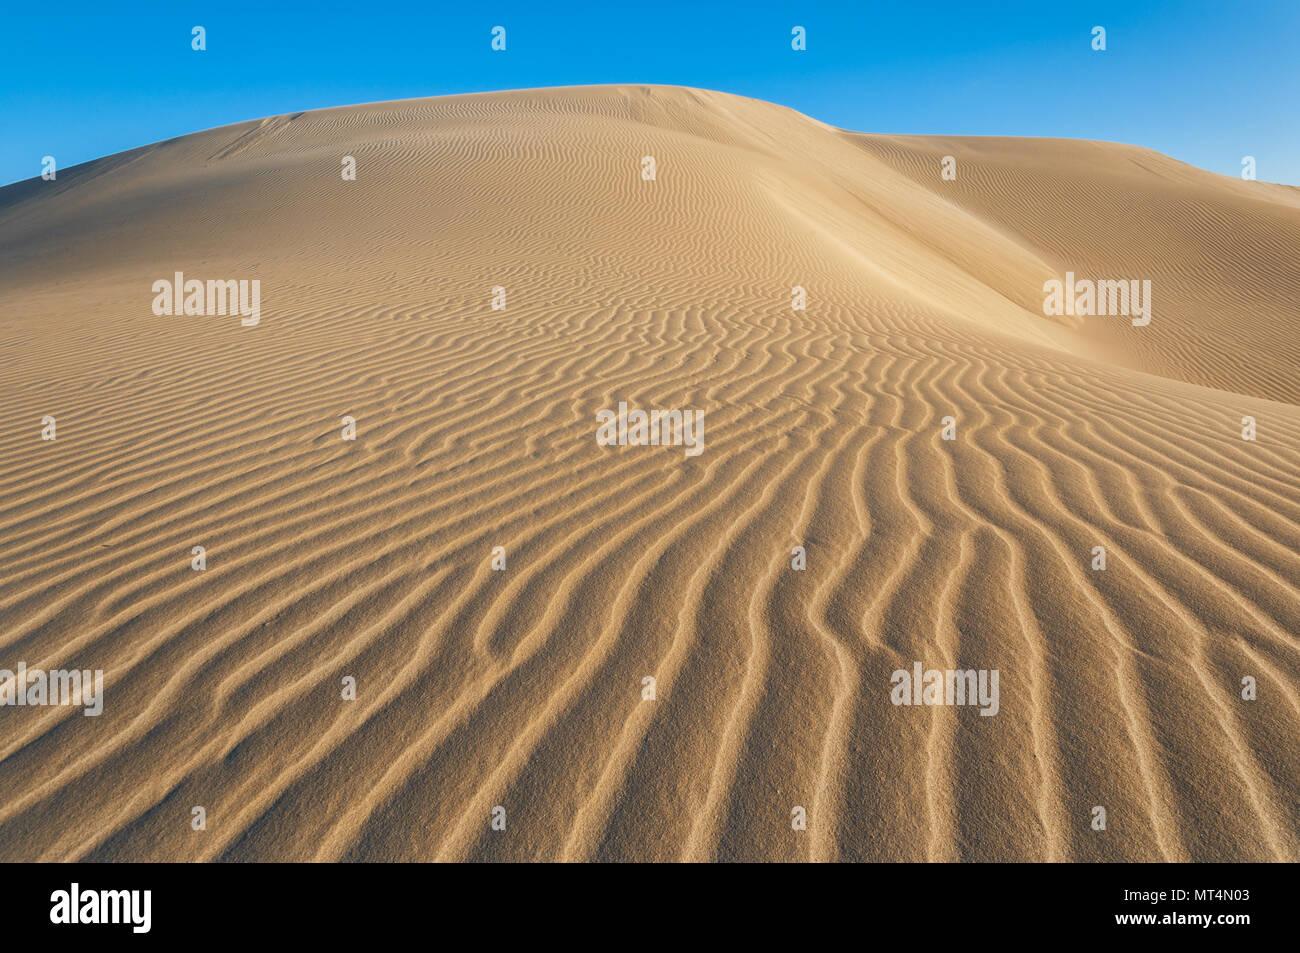 Les tendances dans les dunes de sable d'Eucla. Photo Stock